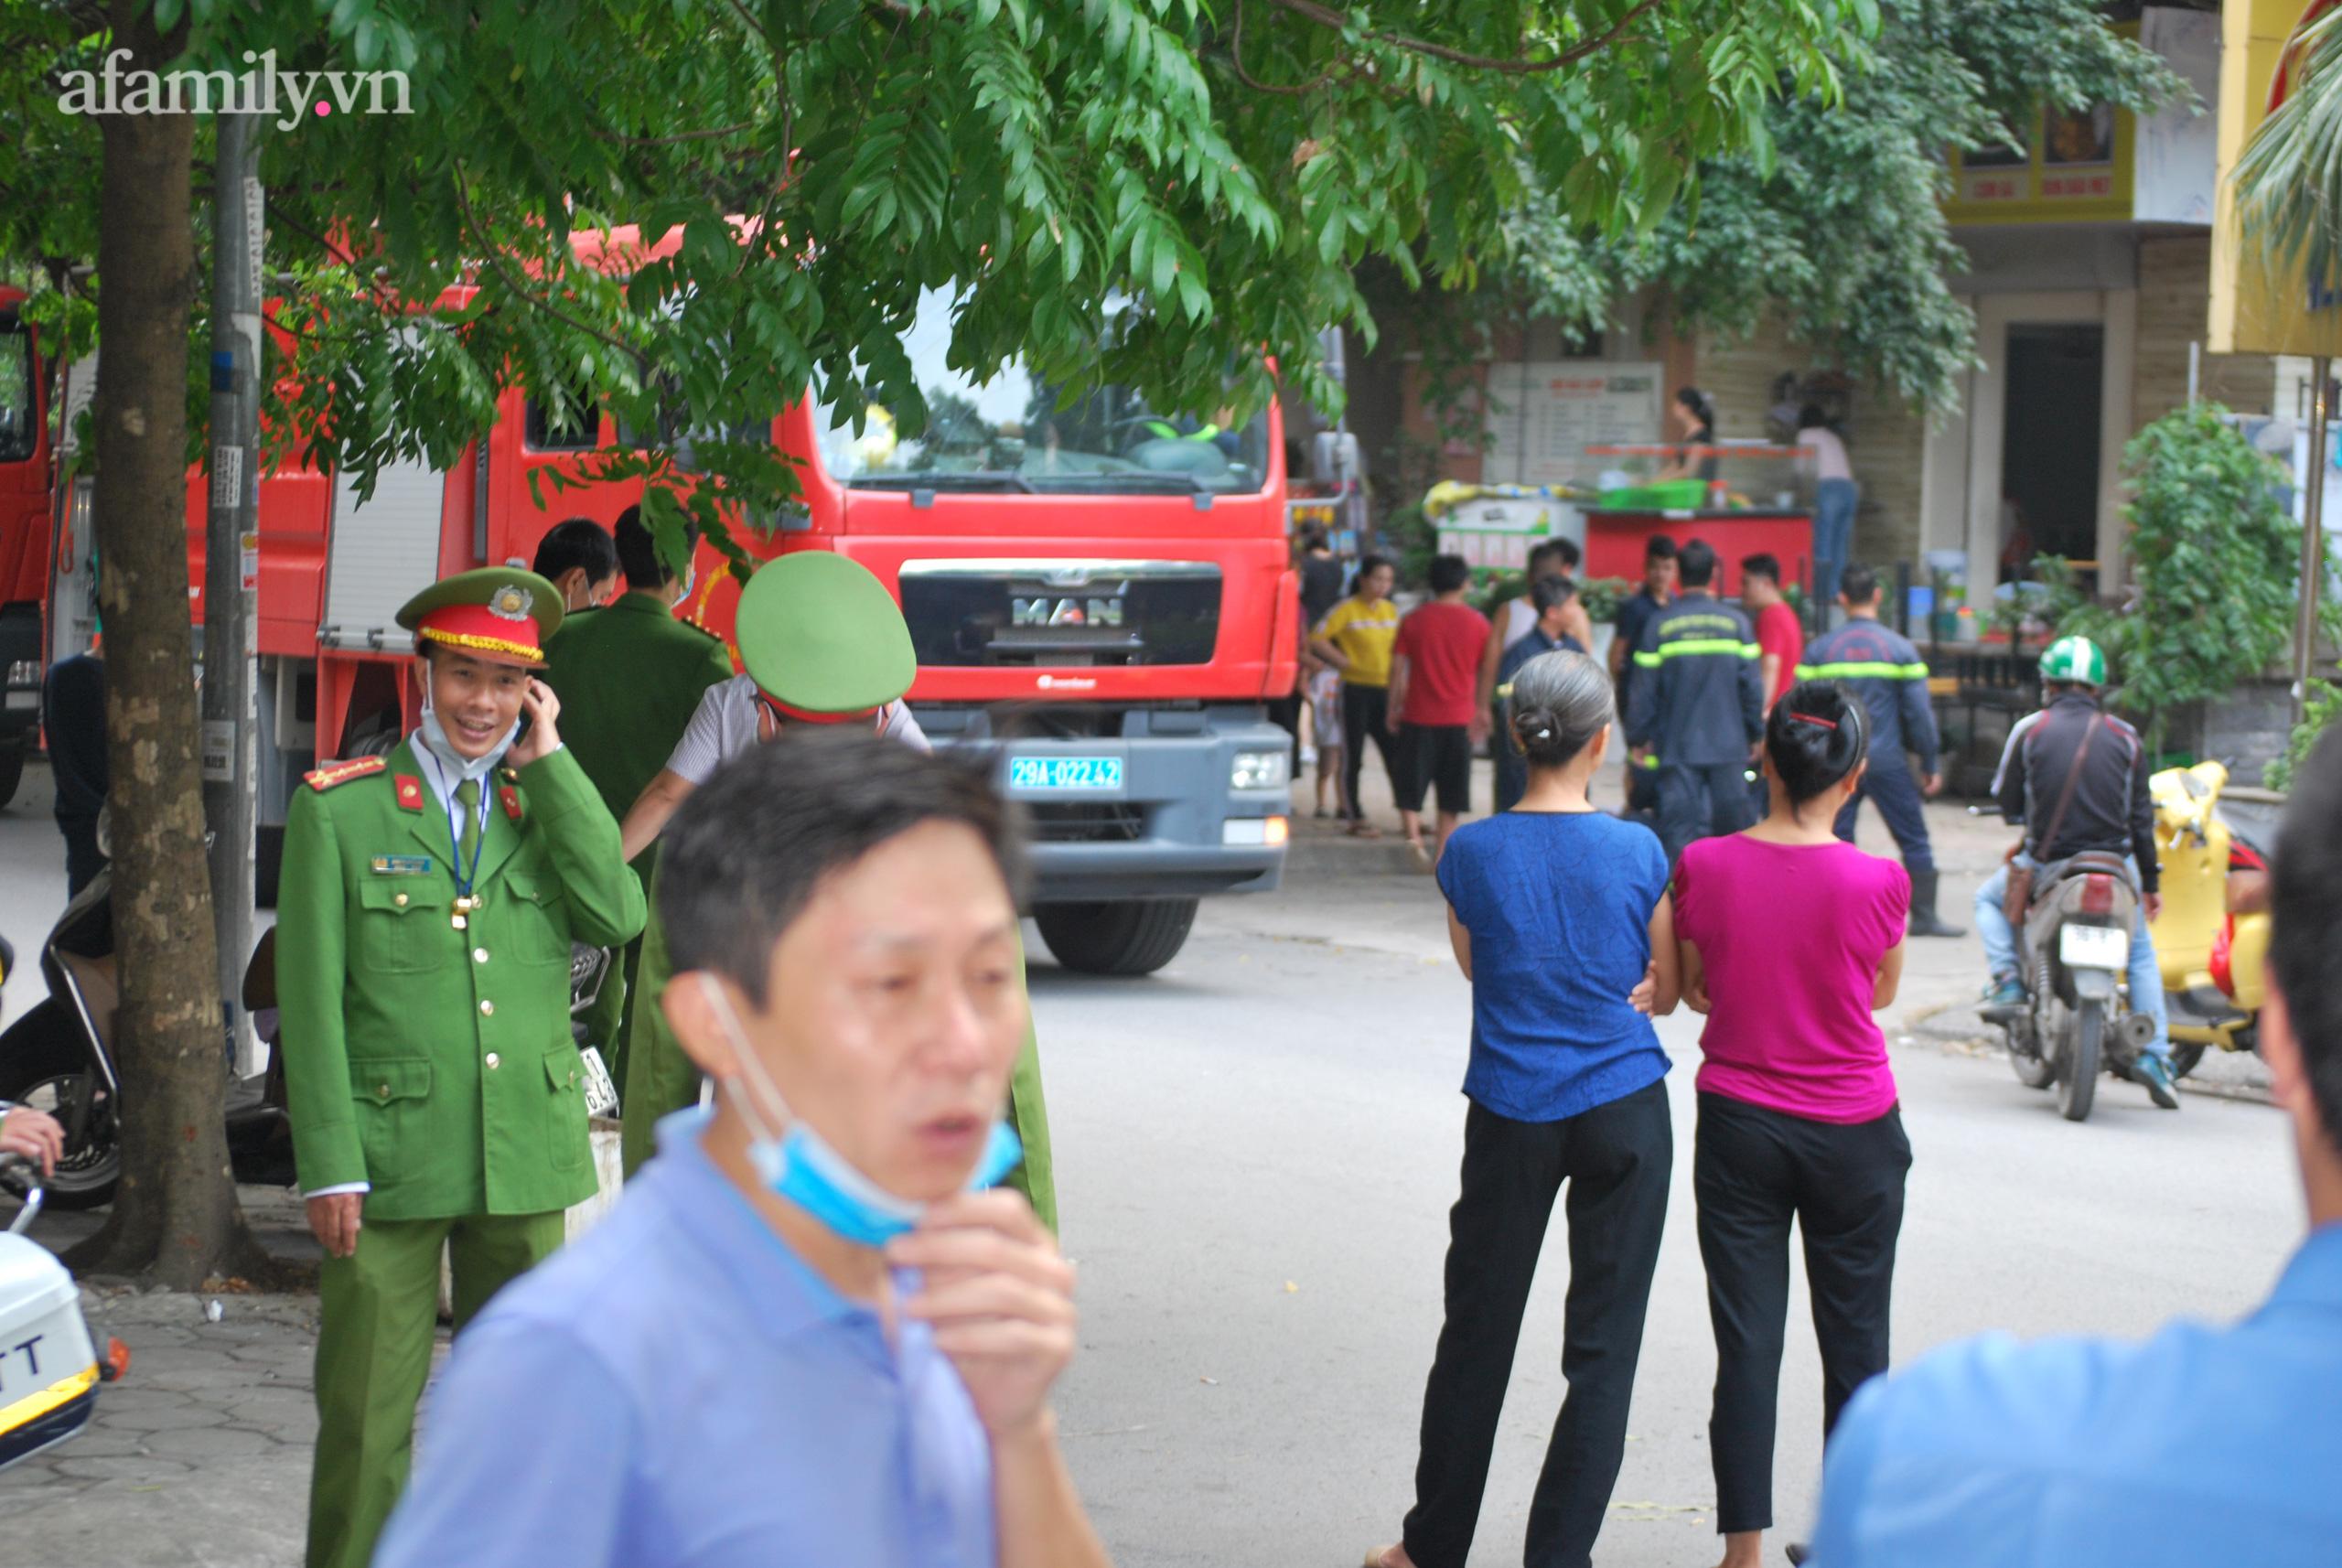 Hà Nội: Cháy lớn tại chung cư người dân hoảng loạn chạy từ tầng 13 xuống sân - Ảnh 3.